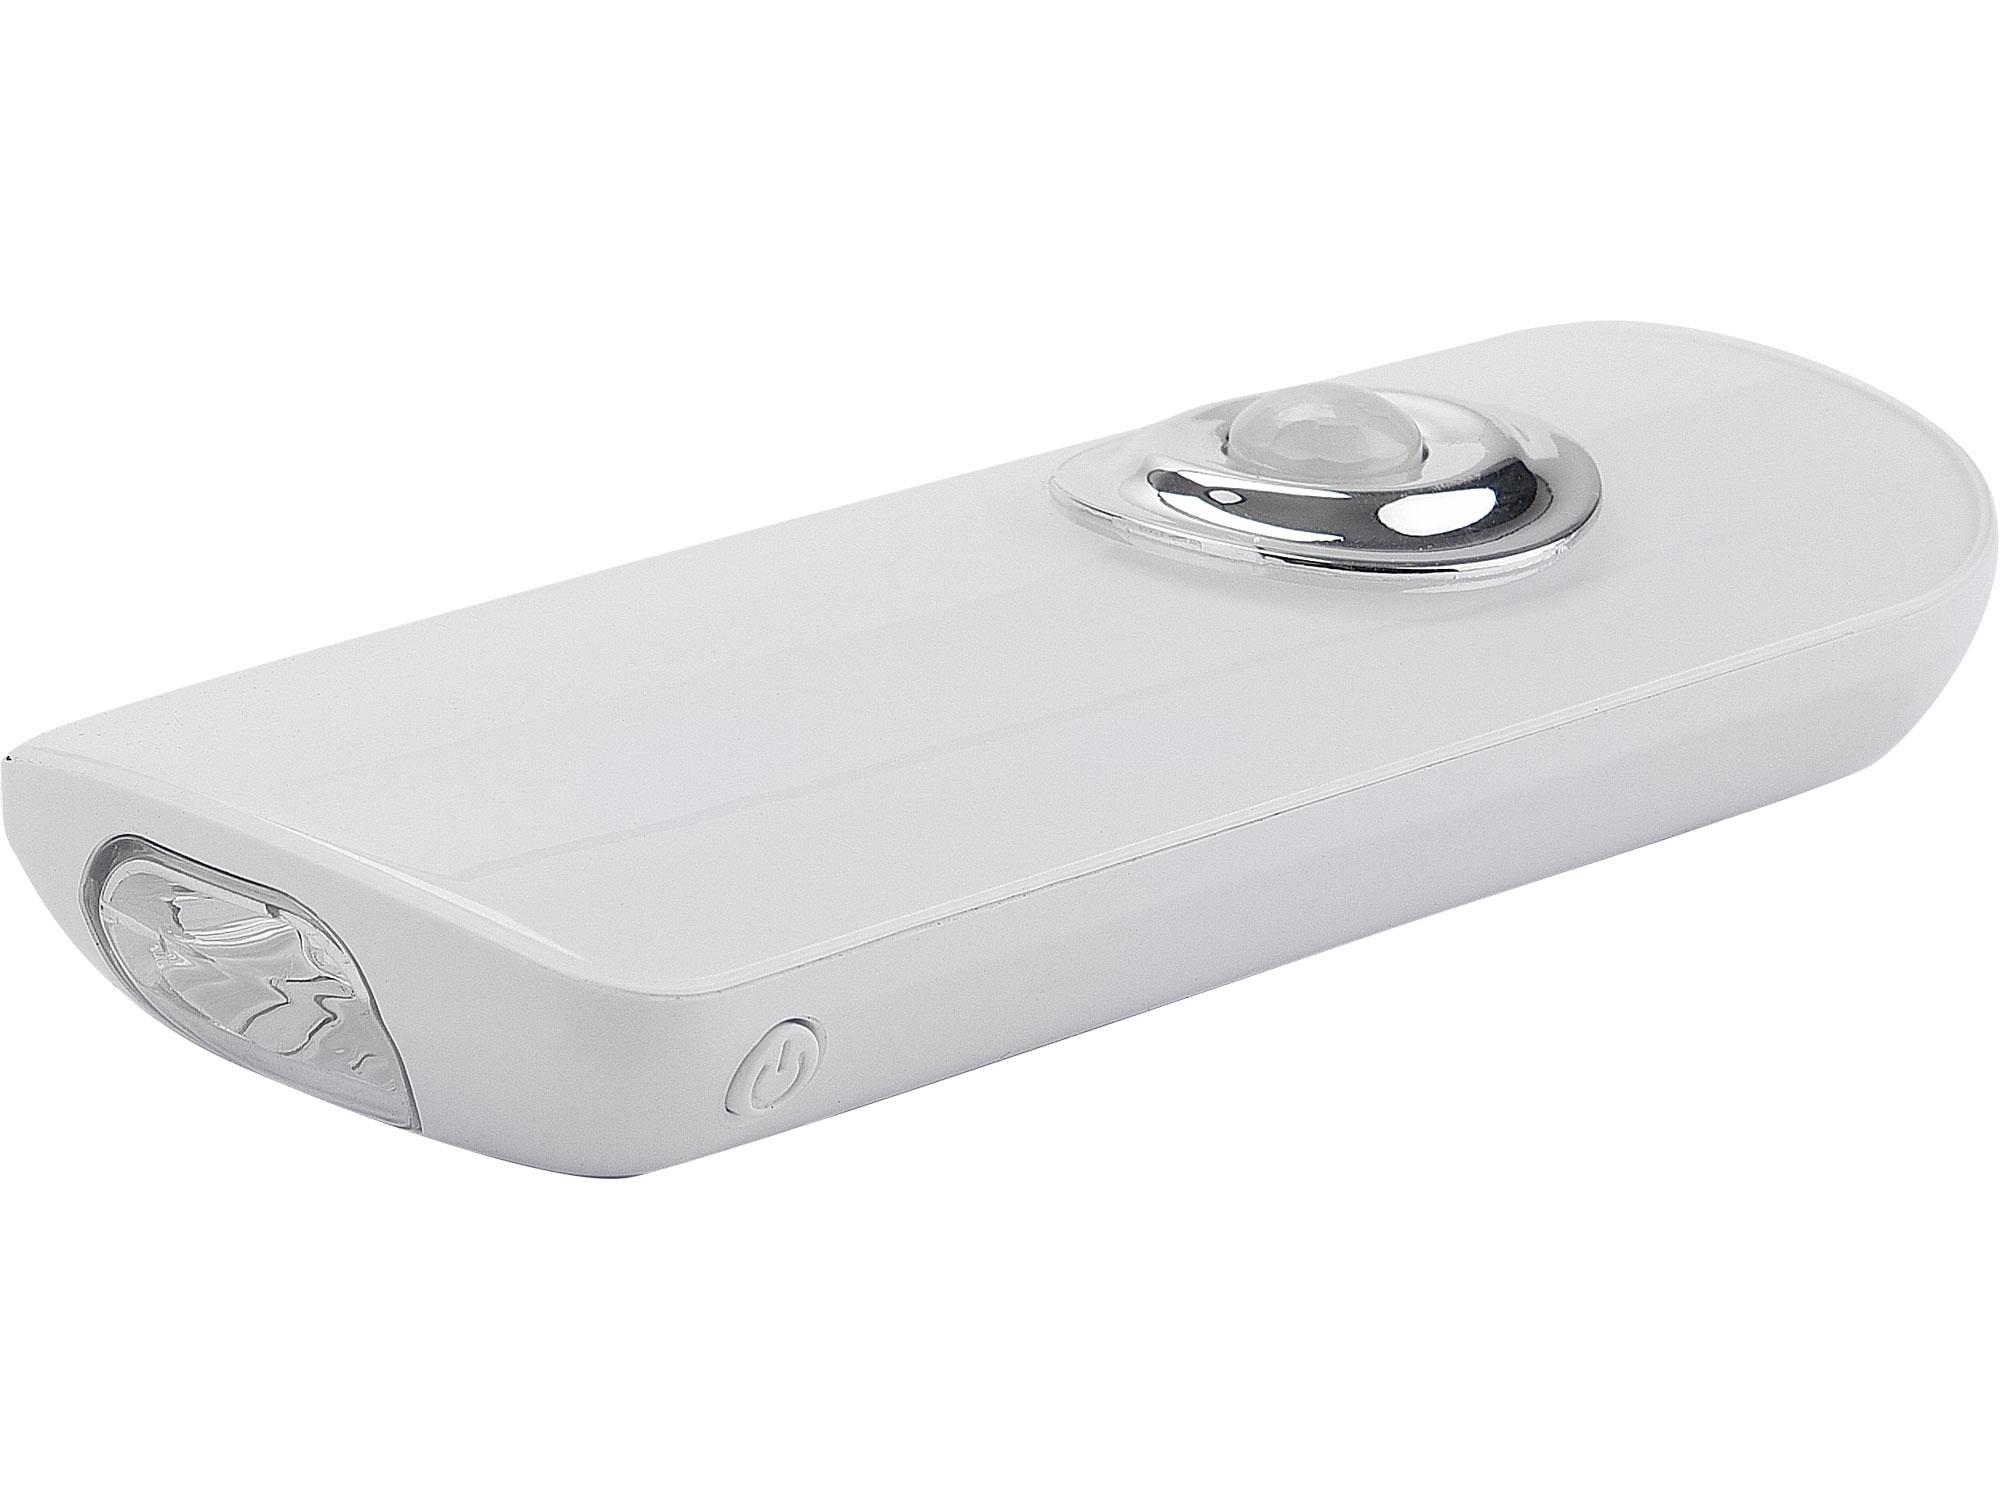 svítilna pohotovostní s pohybovým čidlem, indukční nabíjení, Li-ion, 16+2 LED 43126